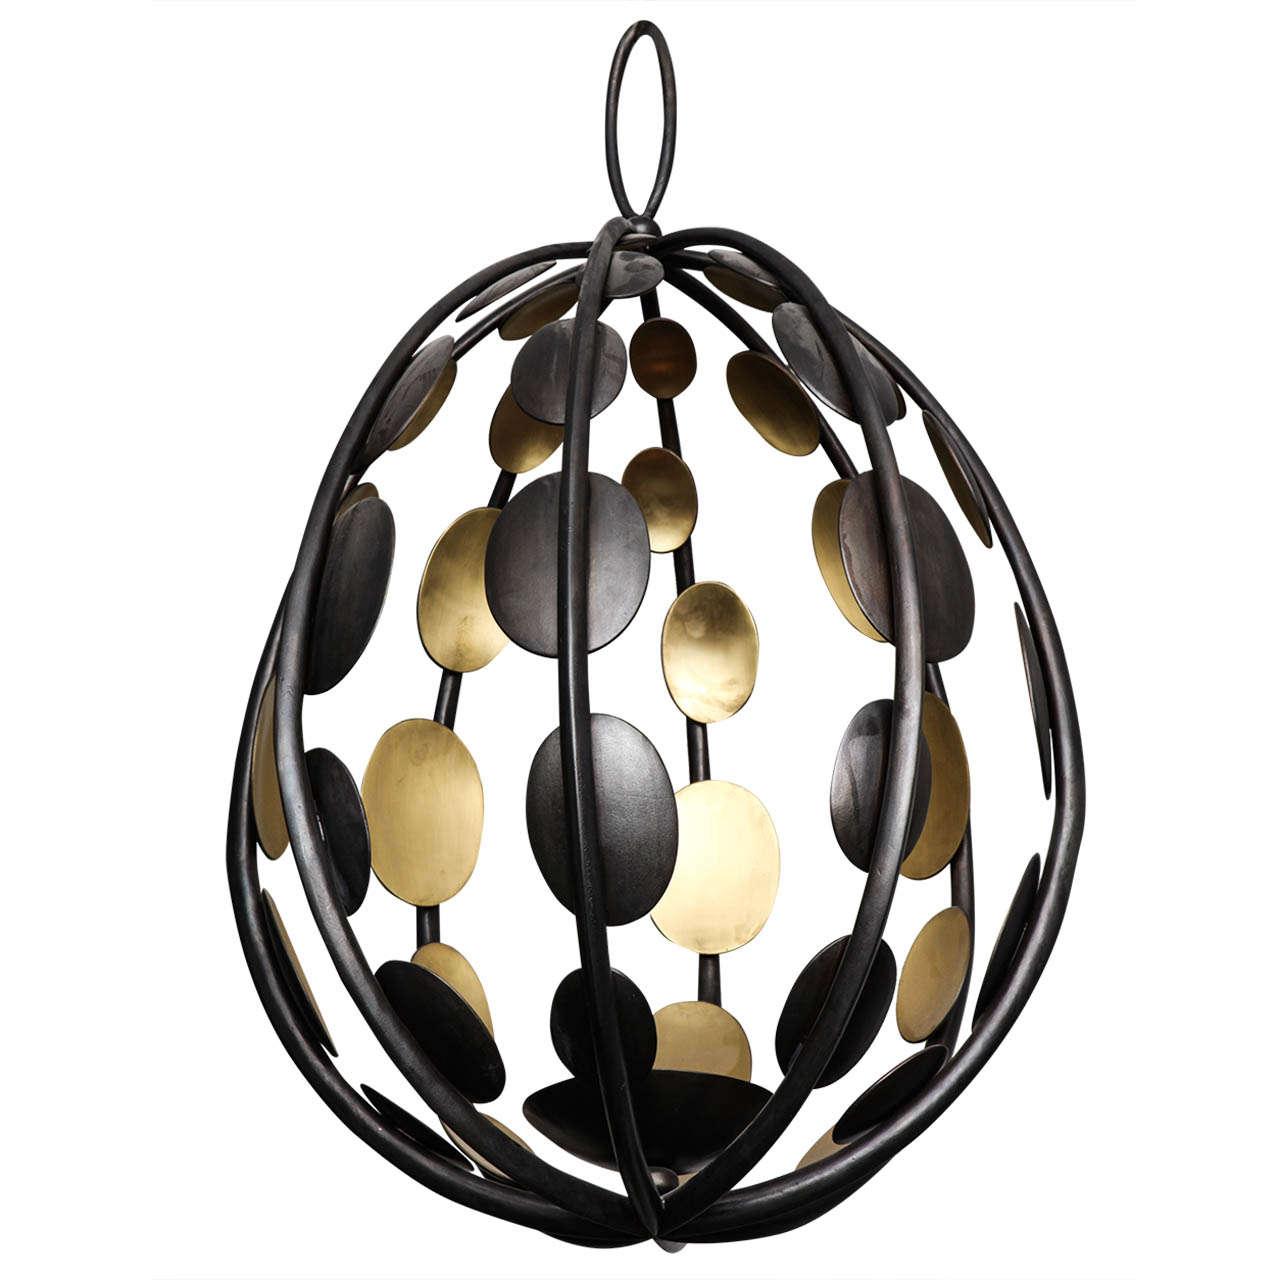 ellipse light fixture by herv van der straeten at 1stdibs. Black Bedroom Furniture Sets. Home Design Ideas